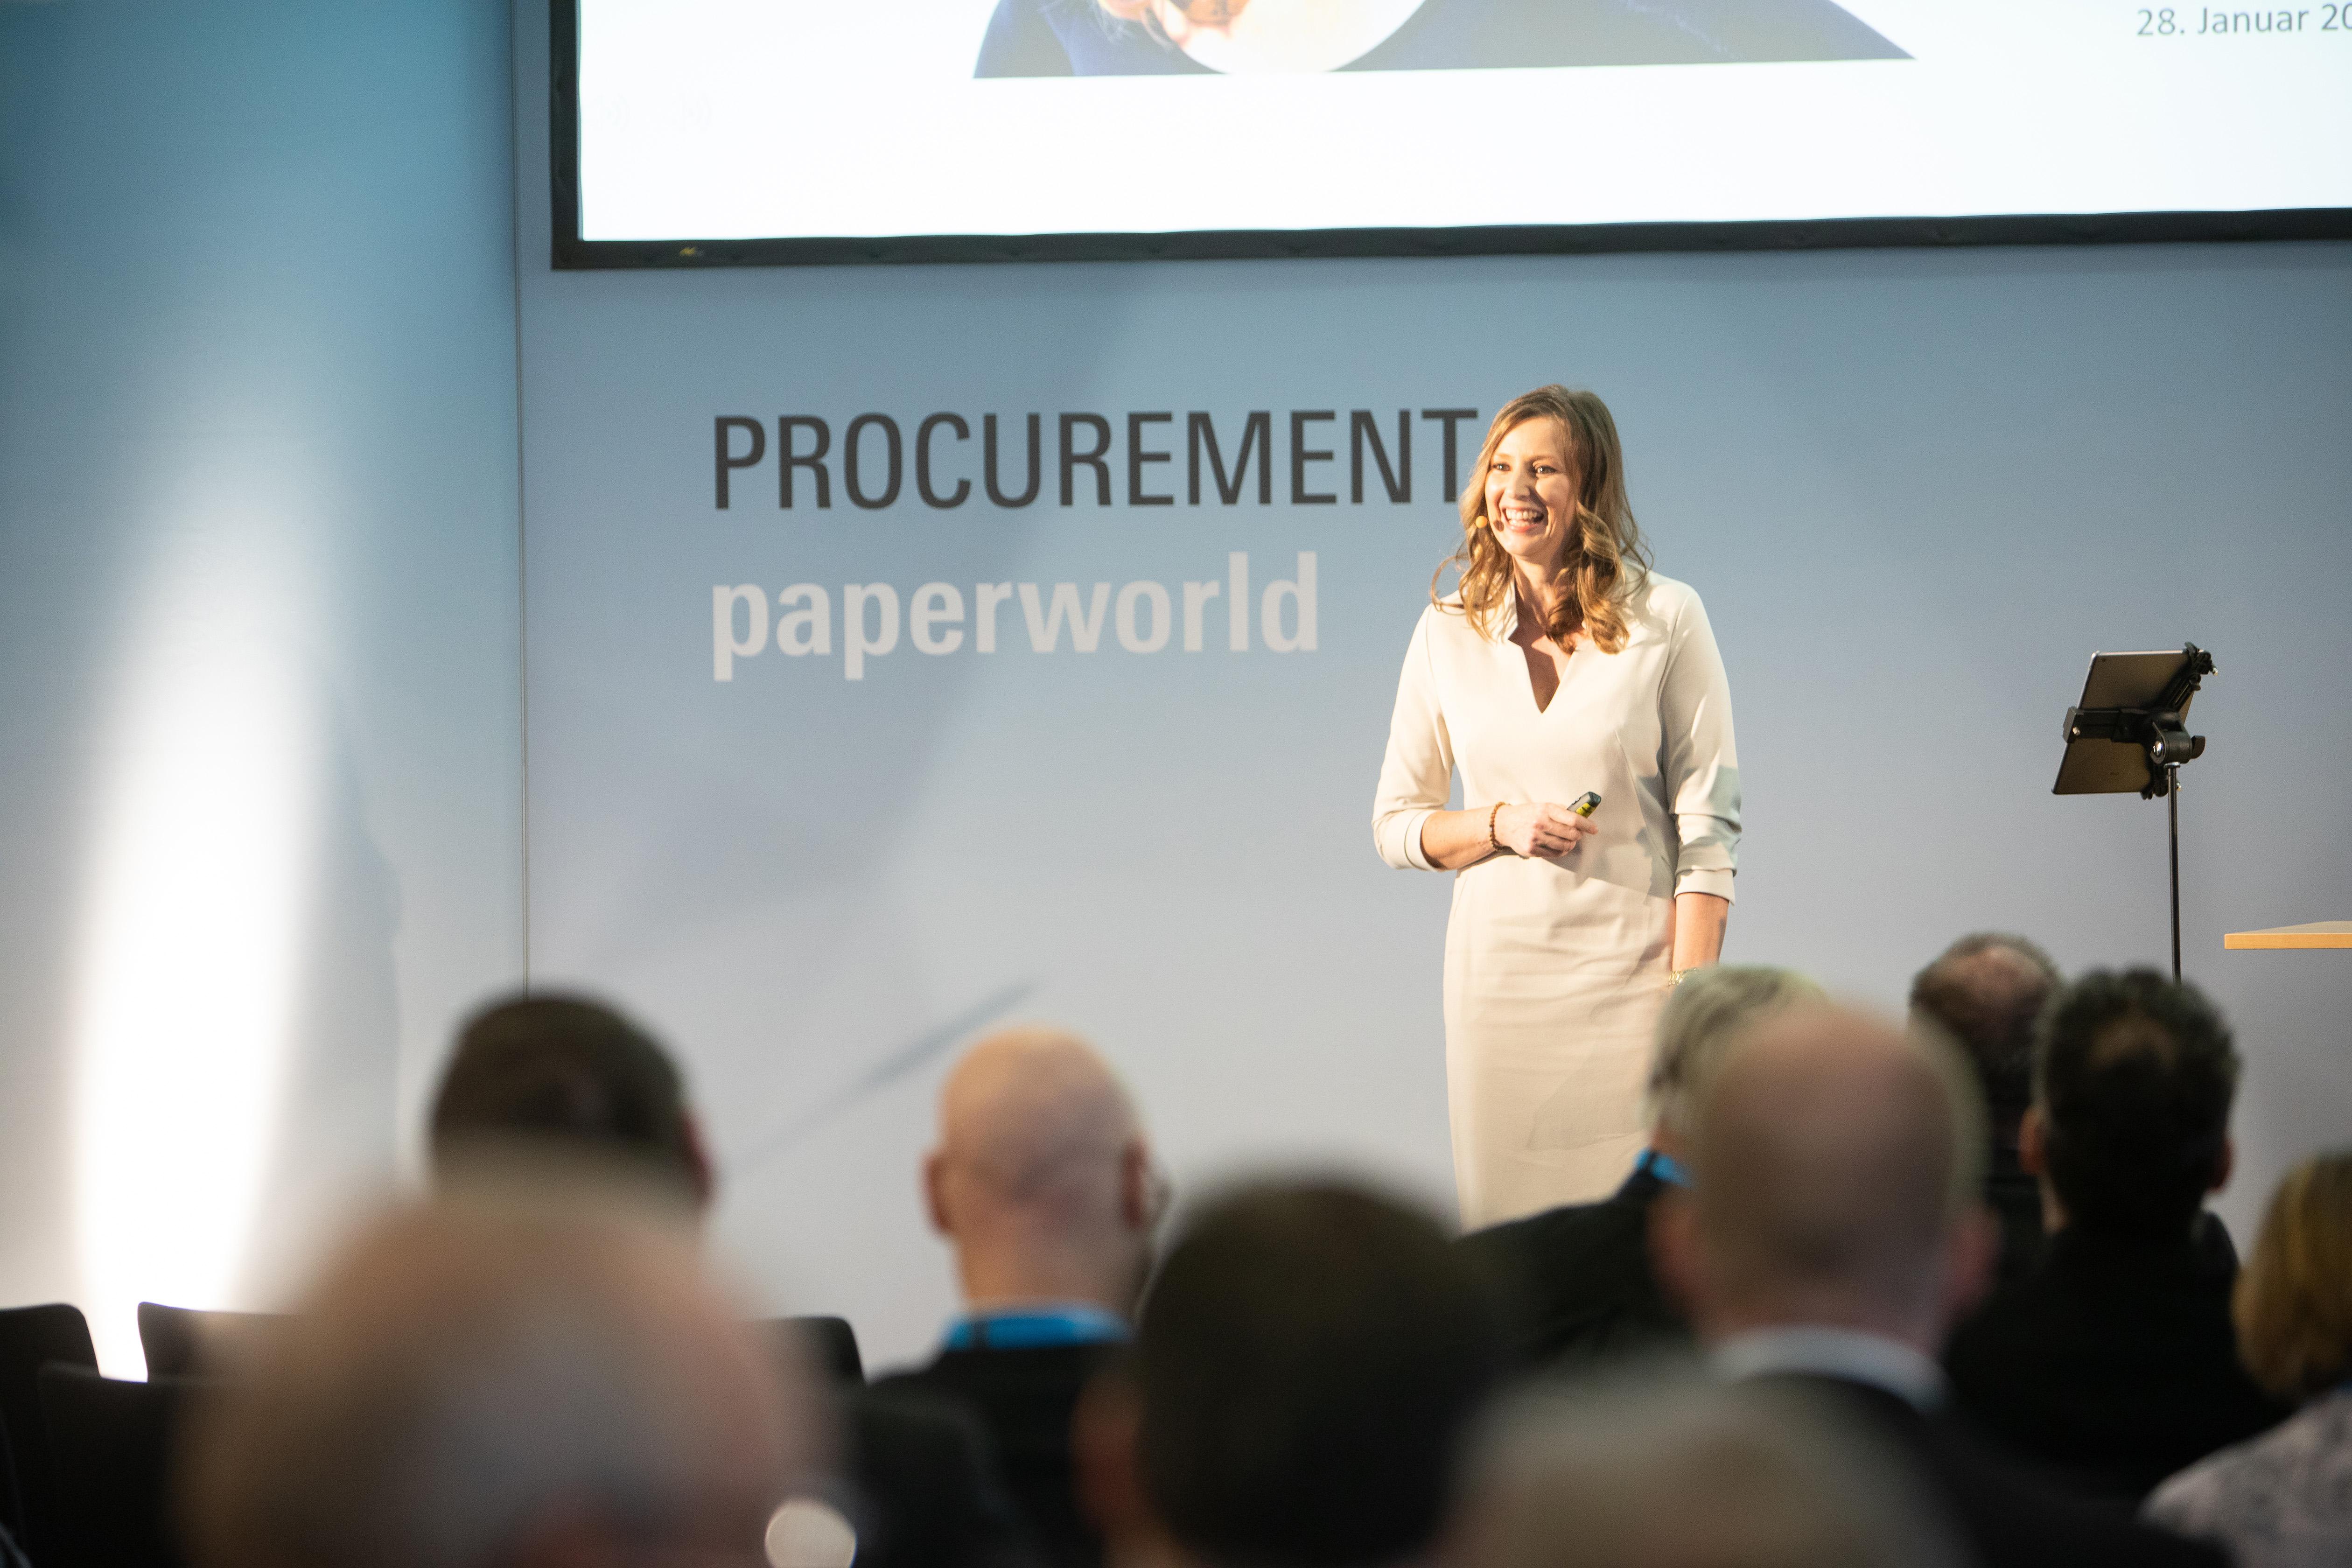 Keynote Speakerin Kristina zur Mühlen